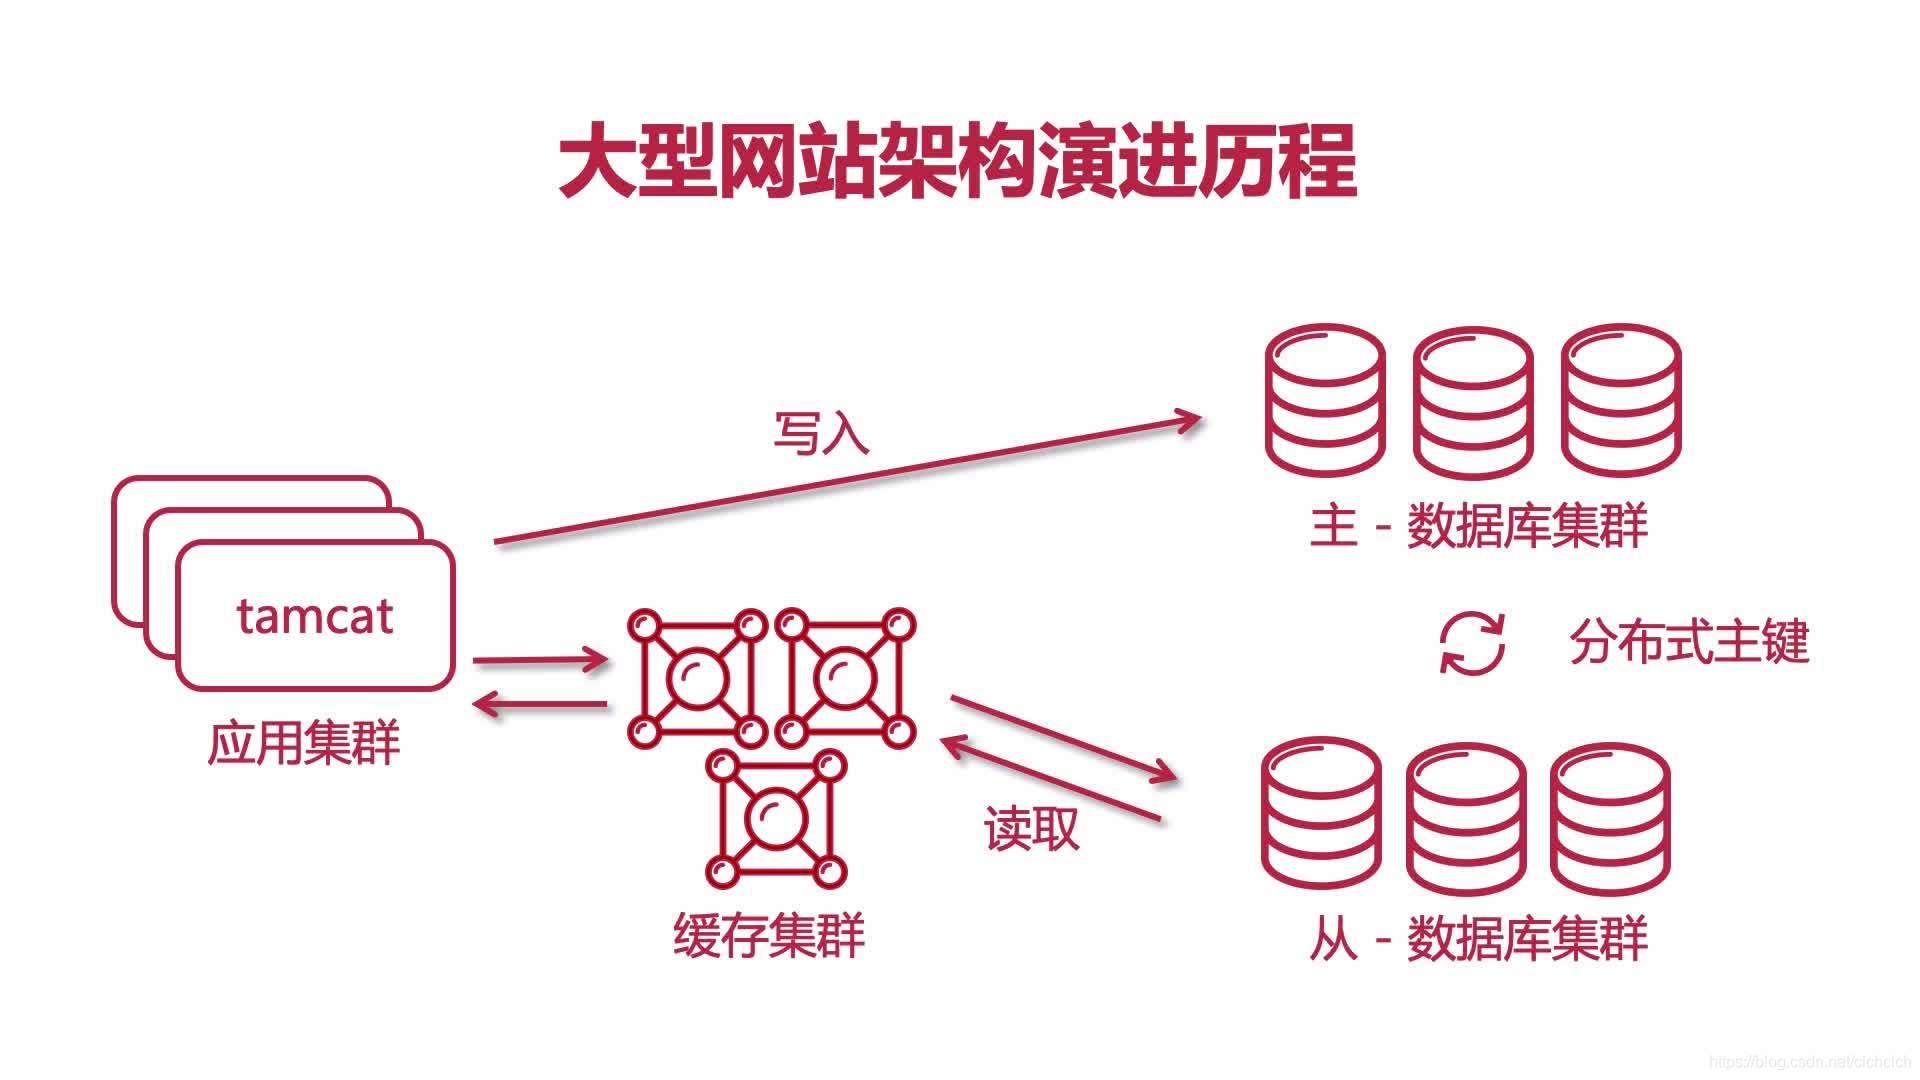 架构演进版本7.0